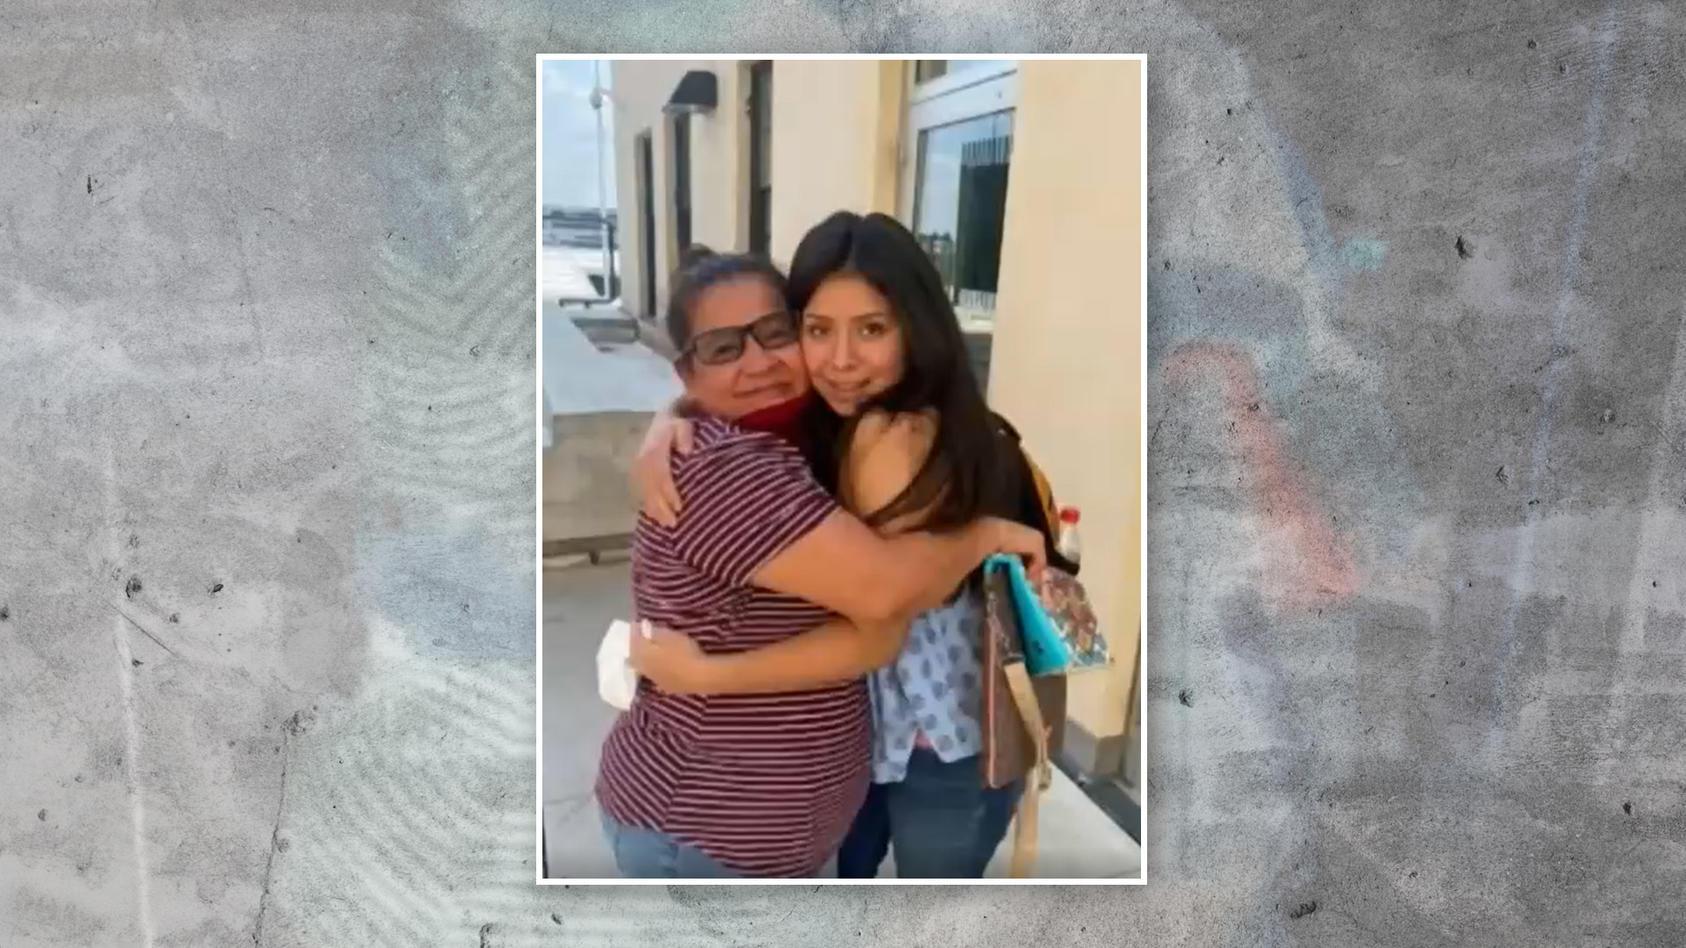 Jacqueline Hernandez ist am 22. Dezember 2007 von ihrem Vater Pablo in Florida entführt worden. 14 Jahre später kann sie ihre Mama Angelica endlich wieder in die Arme schließen.